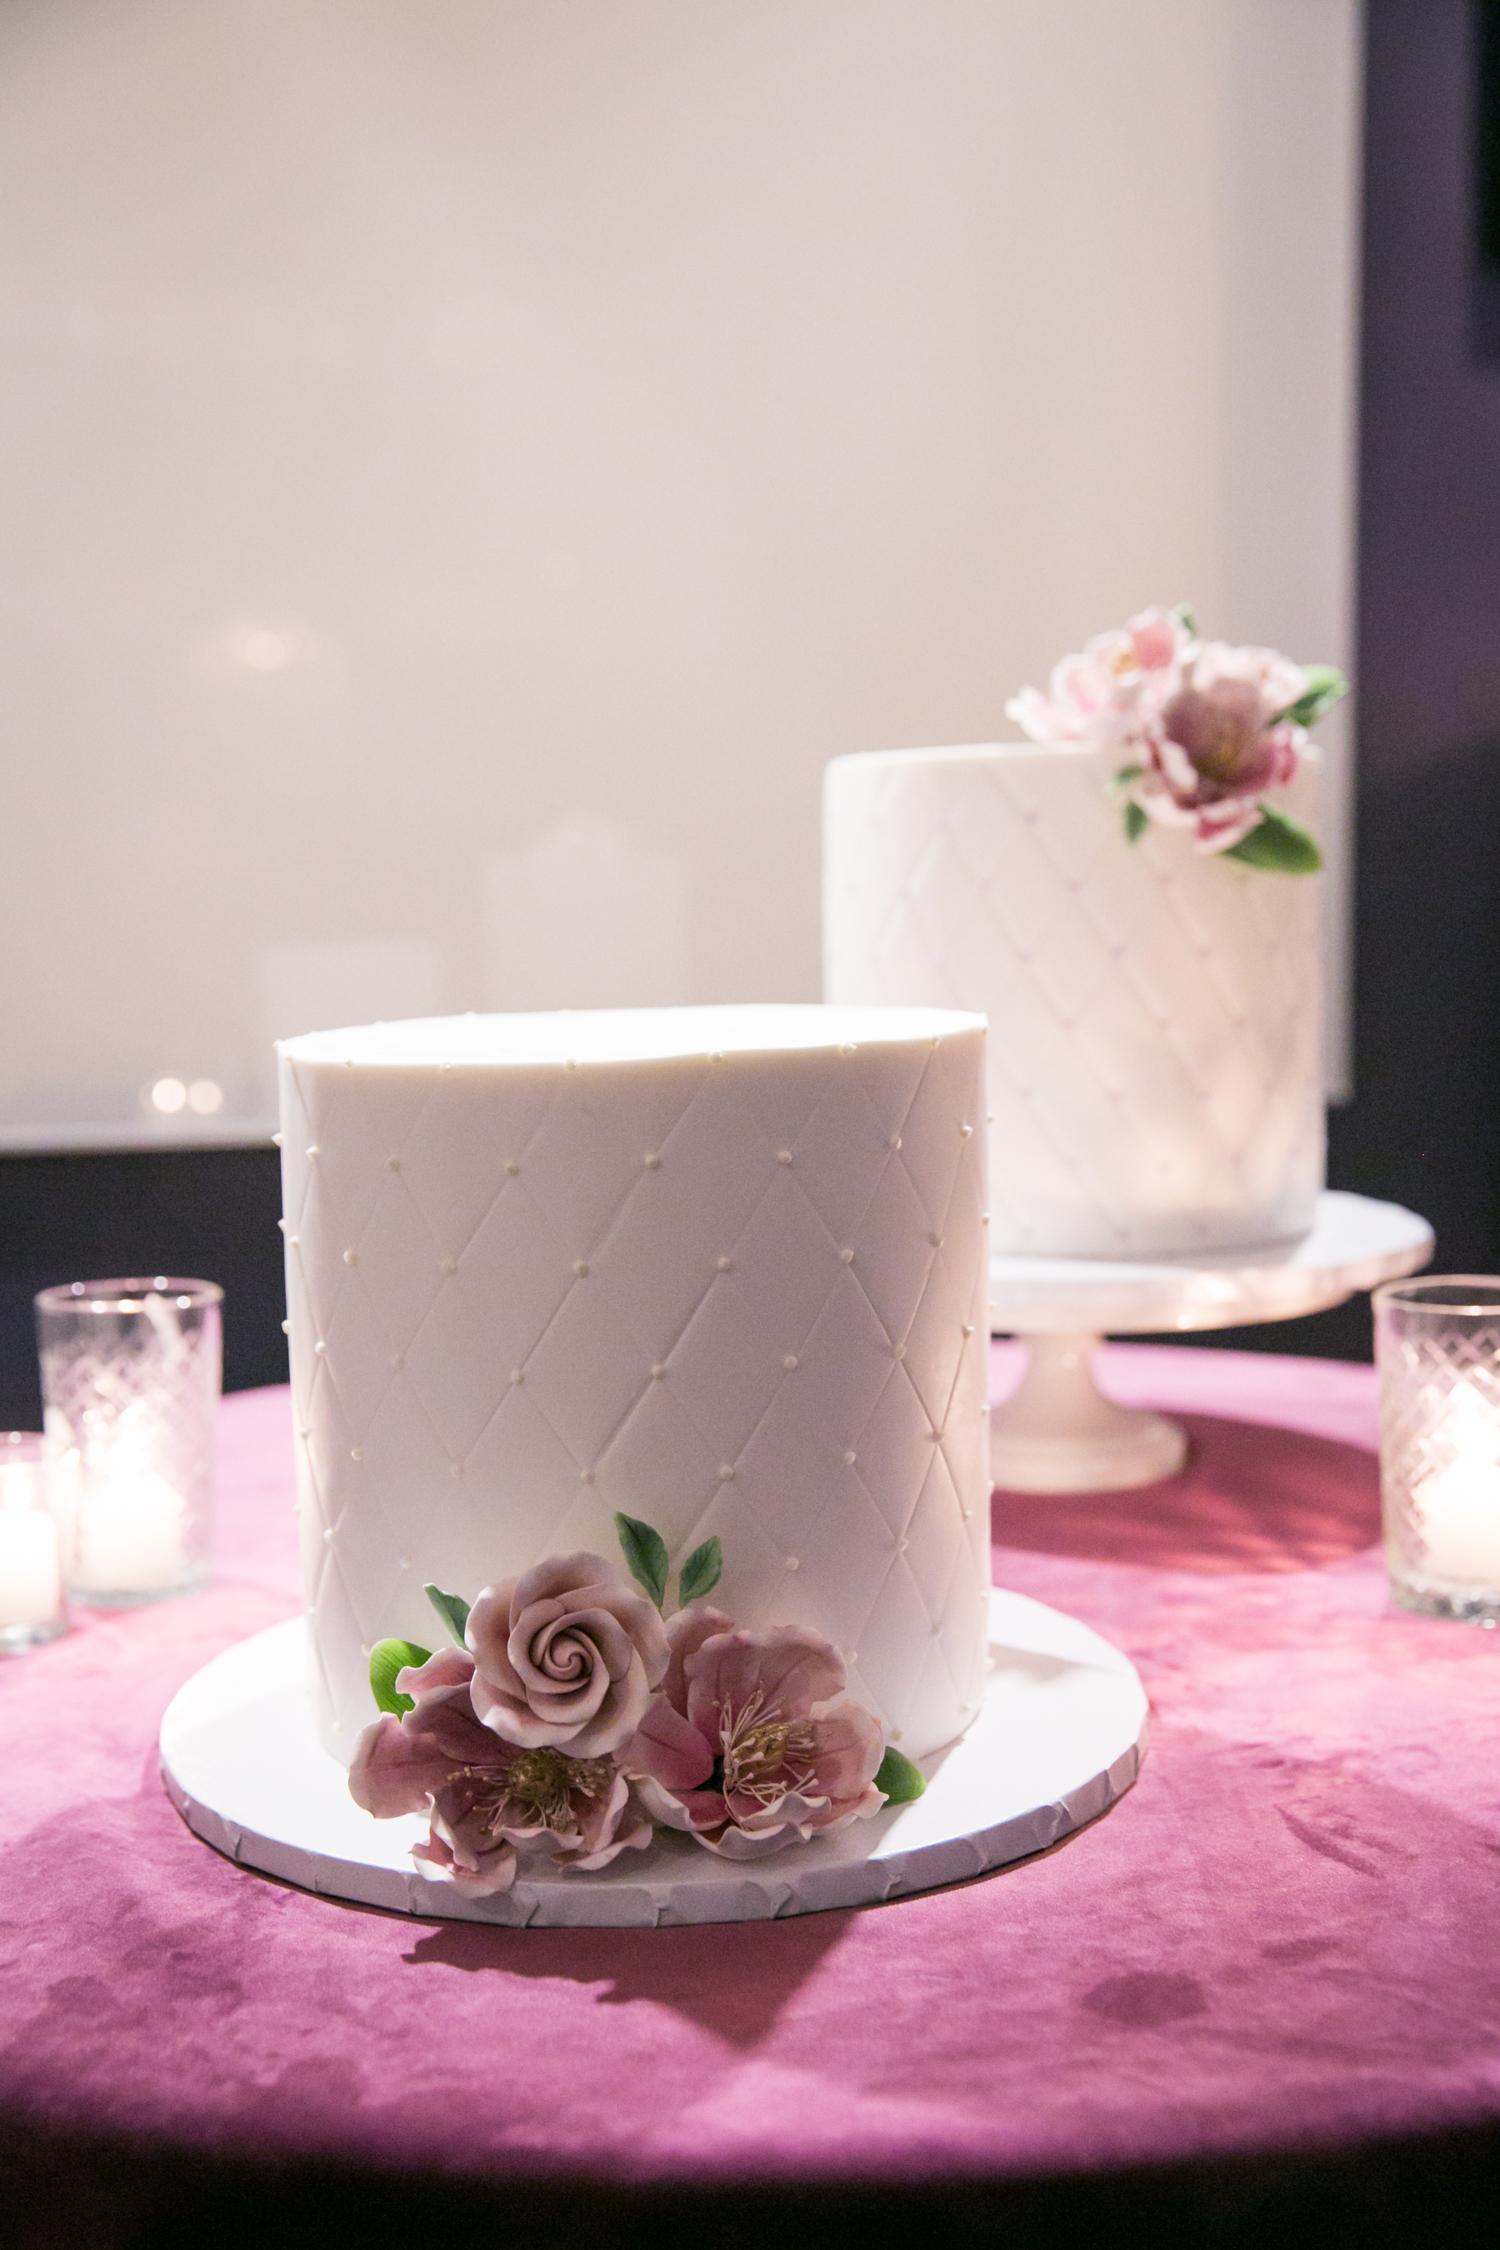 birthday cakes close012117_0108.jpg